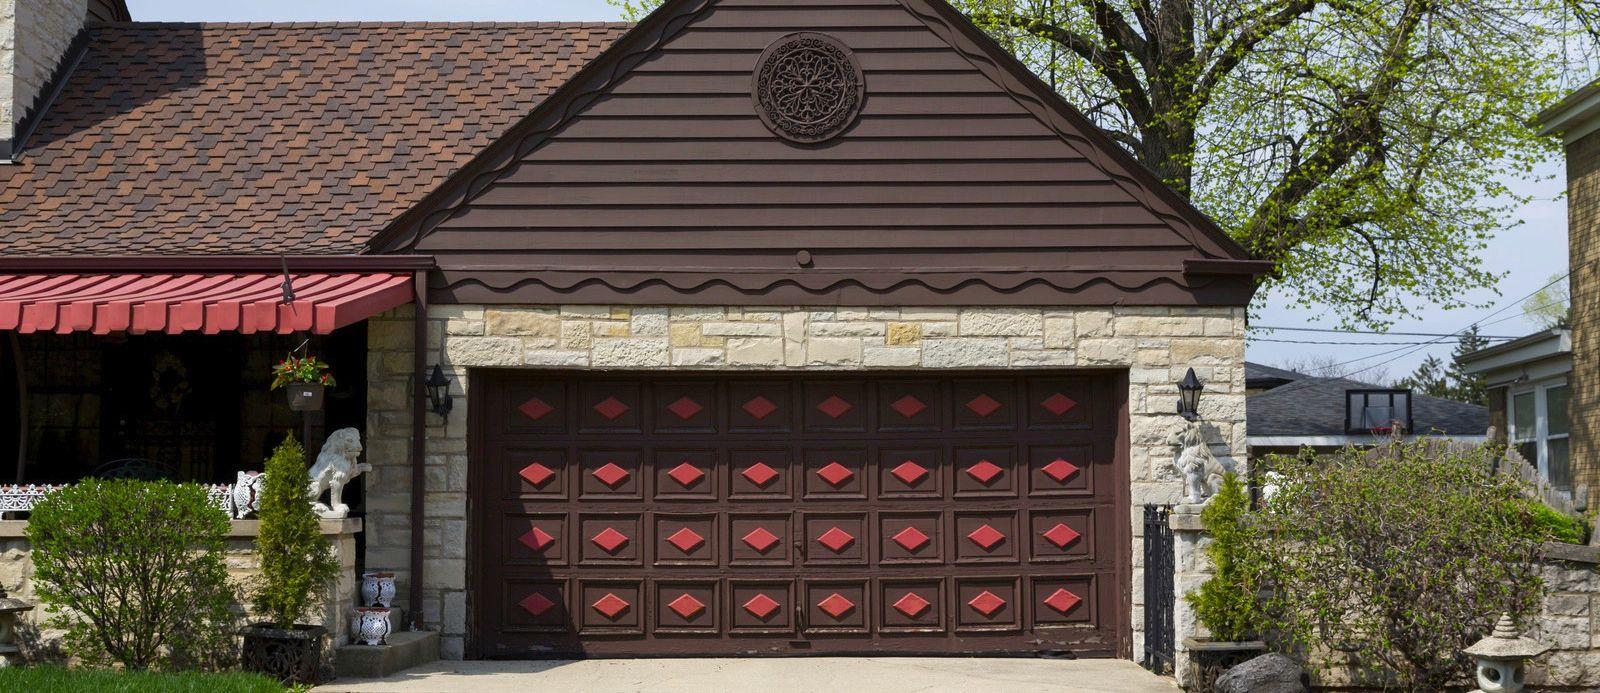 Garage Door Repair Installation In Newhall Ca A1